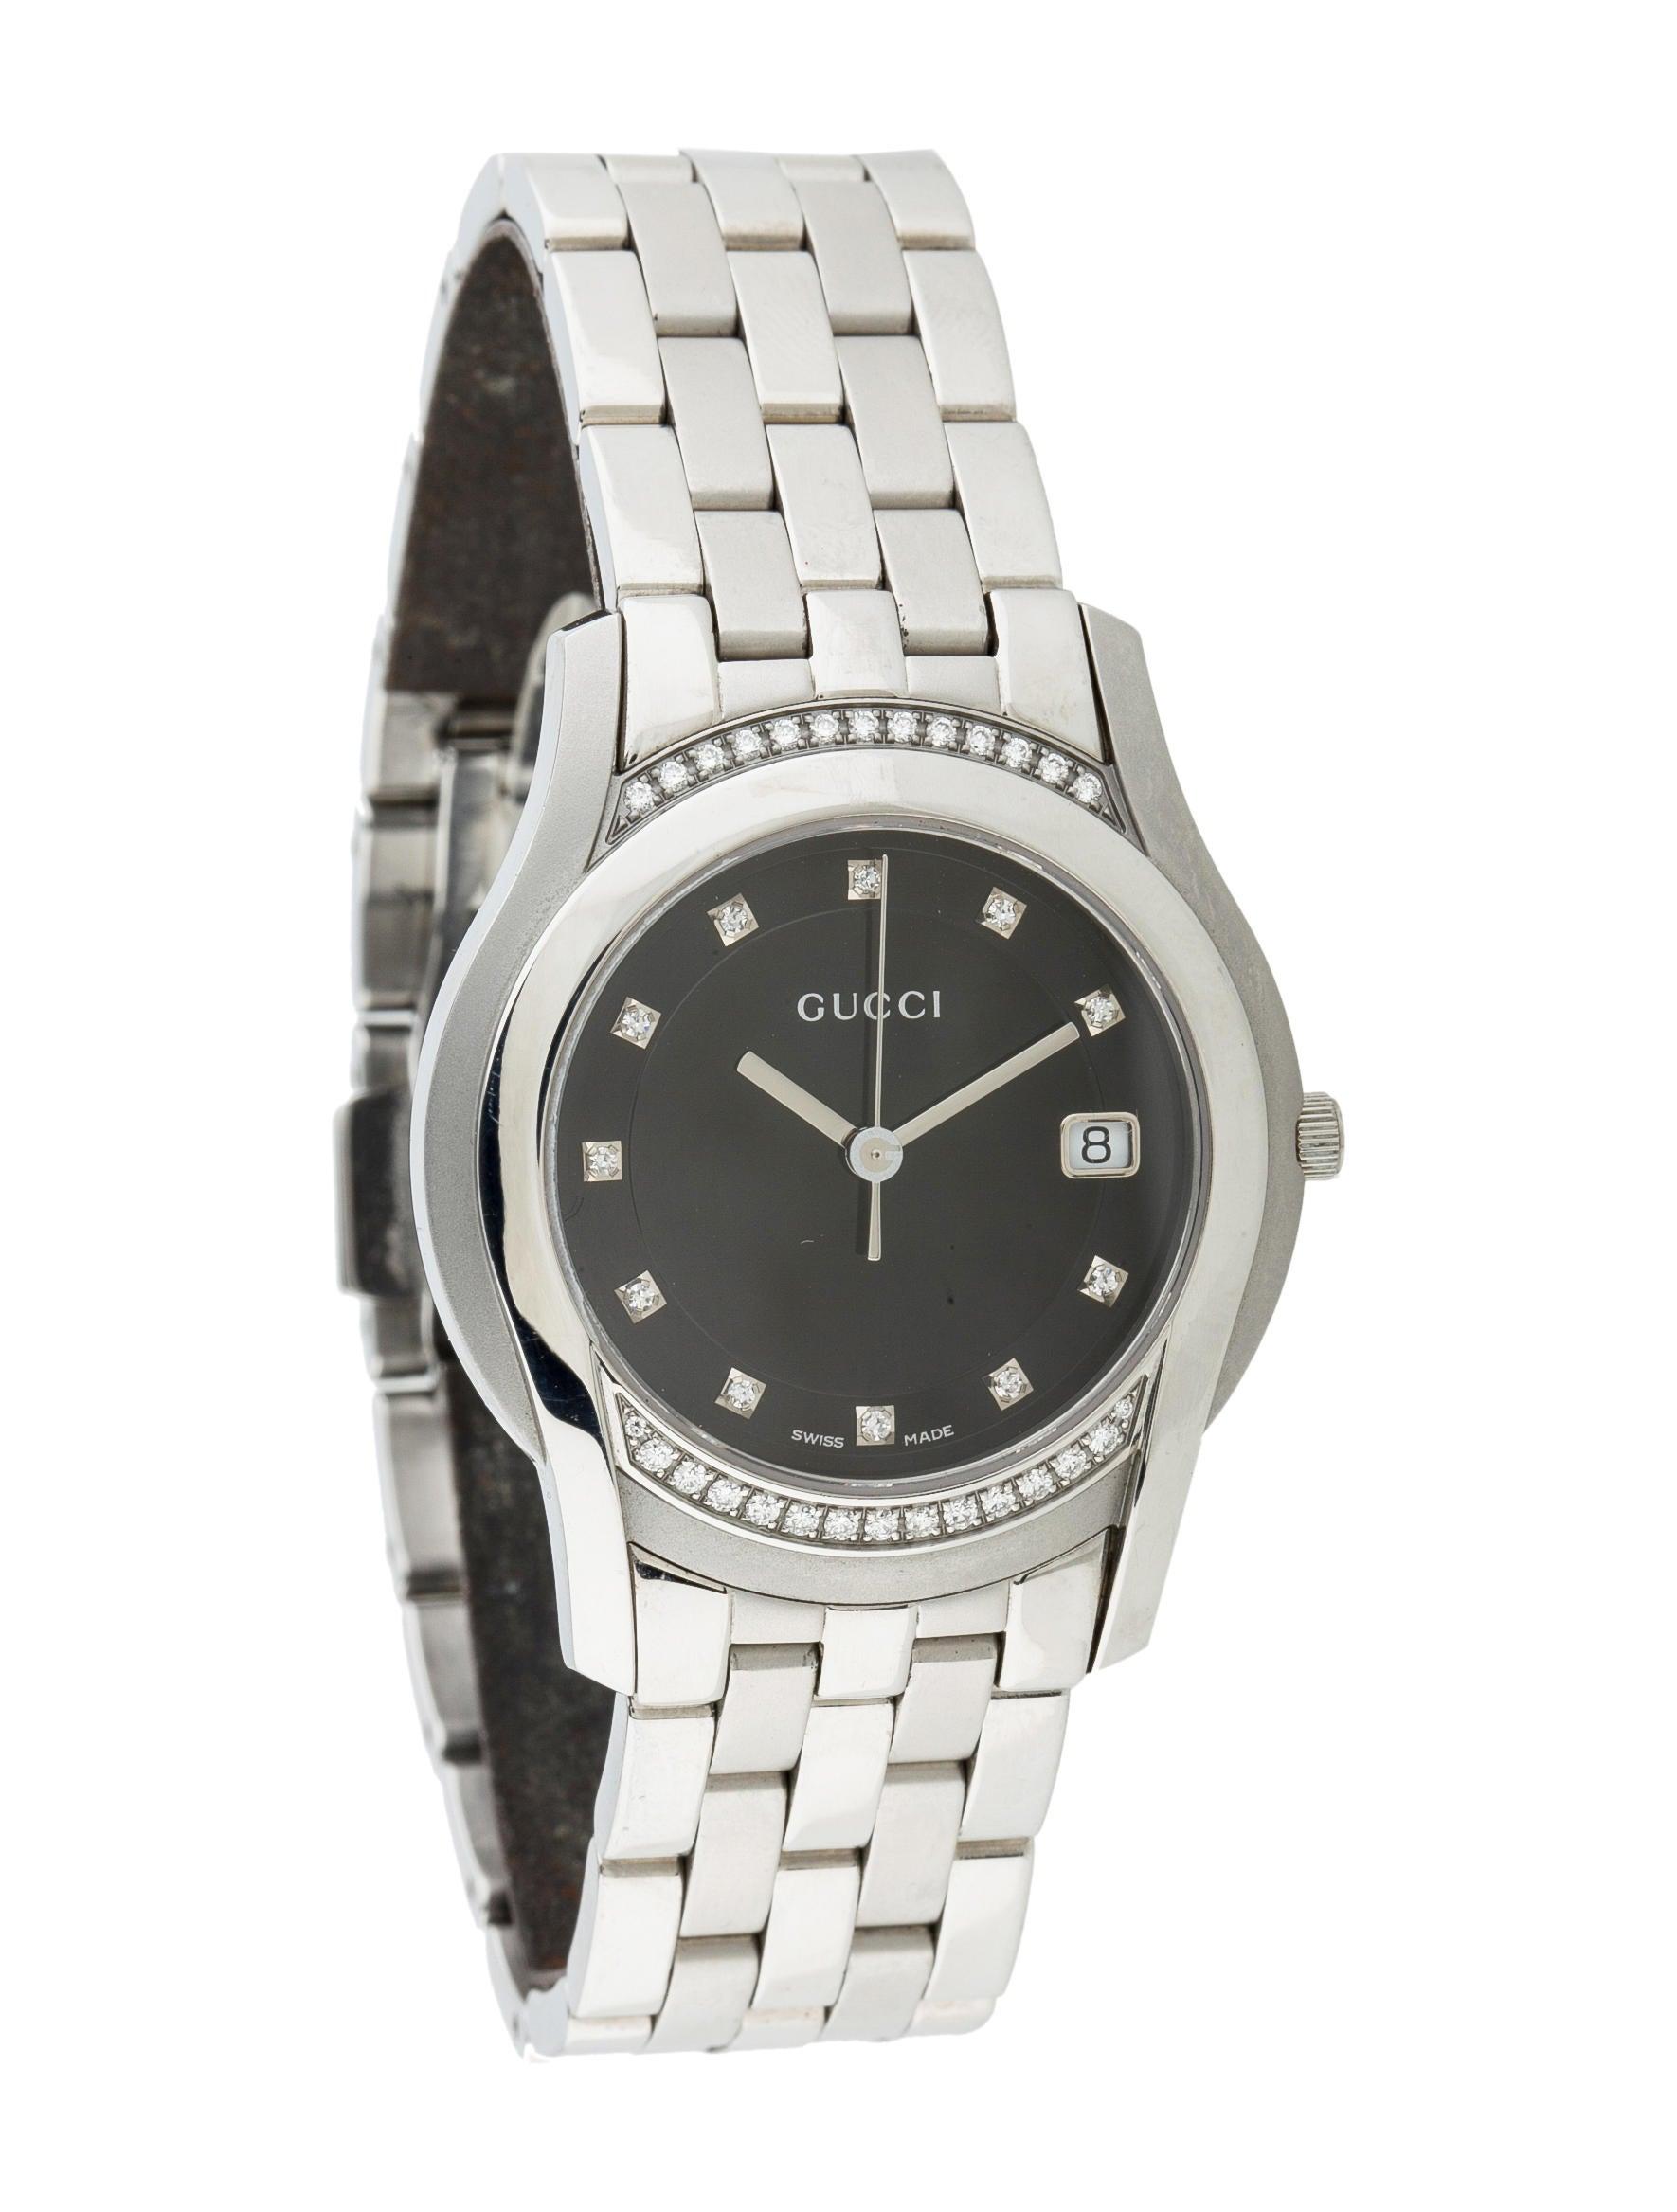 e5af743230d Gucci 5500M Diamond Watch - Bracelet - GUC49106